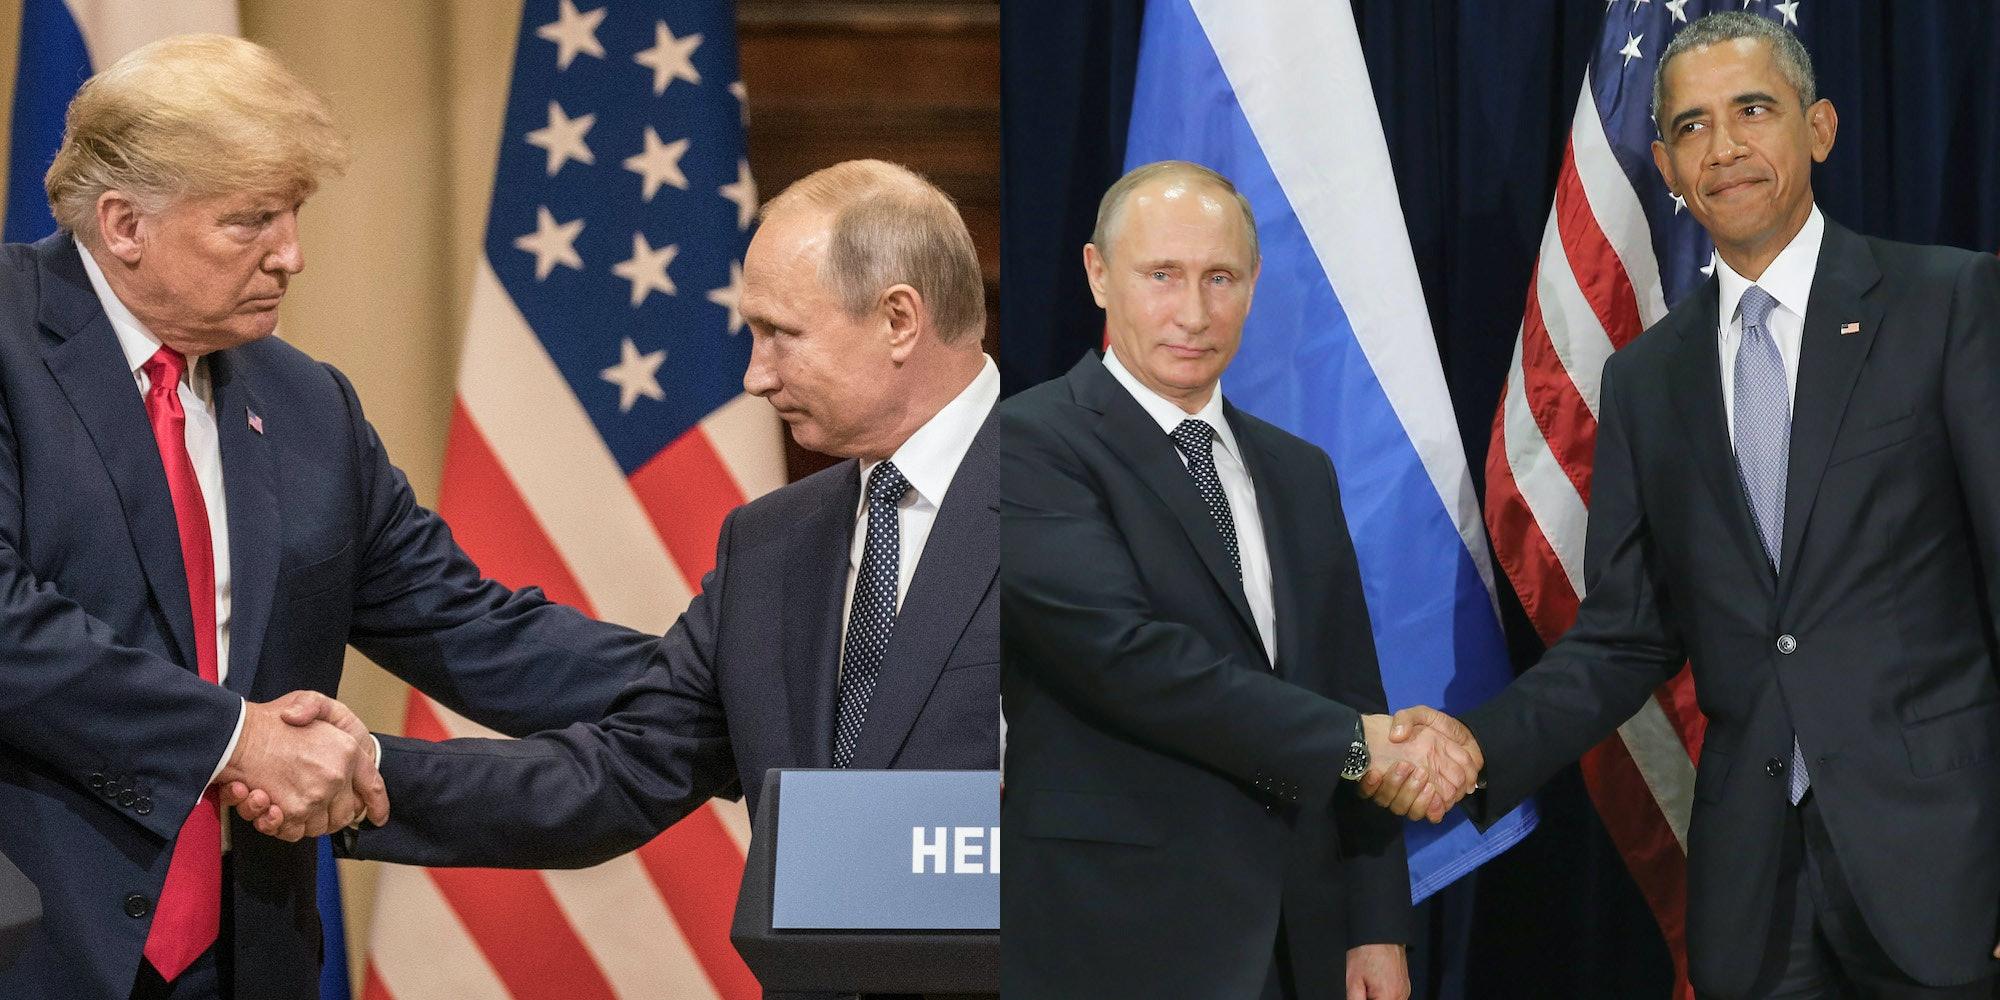 Putins Handshake With Trump Vs Obama Says So Much Body Language